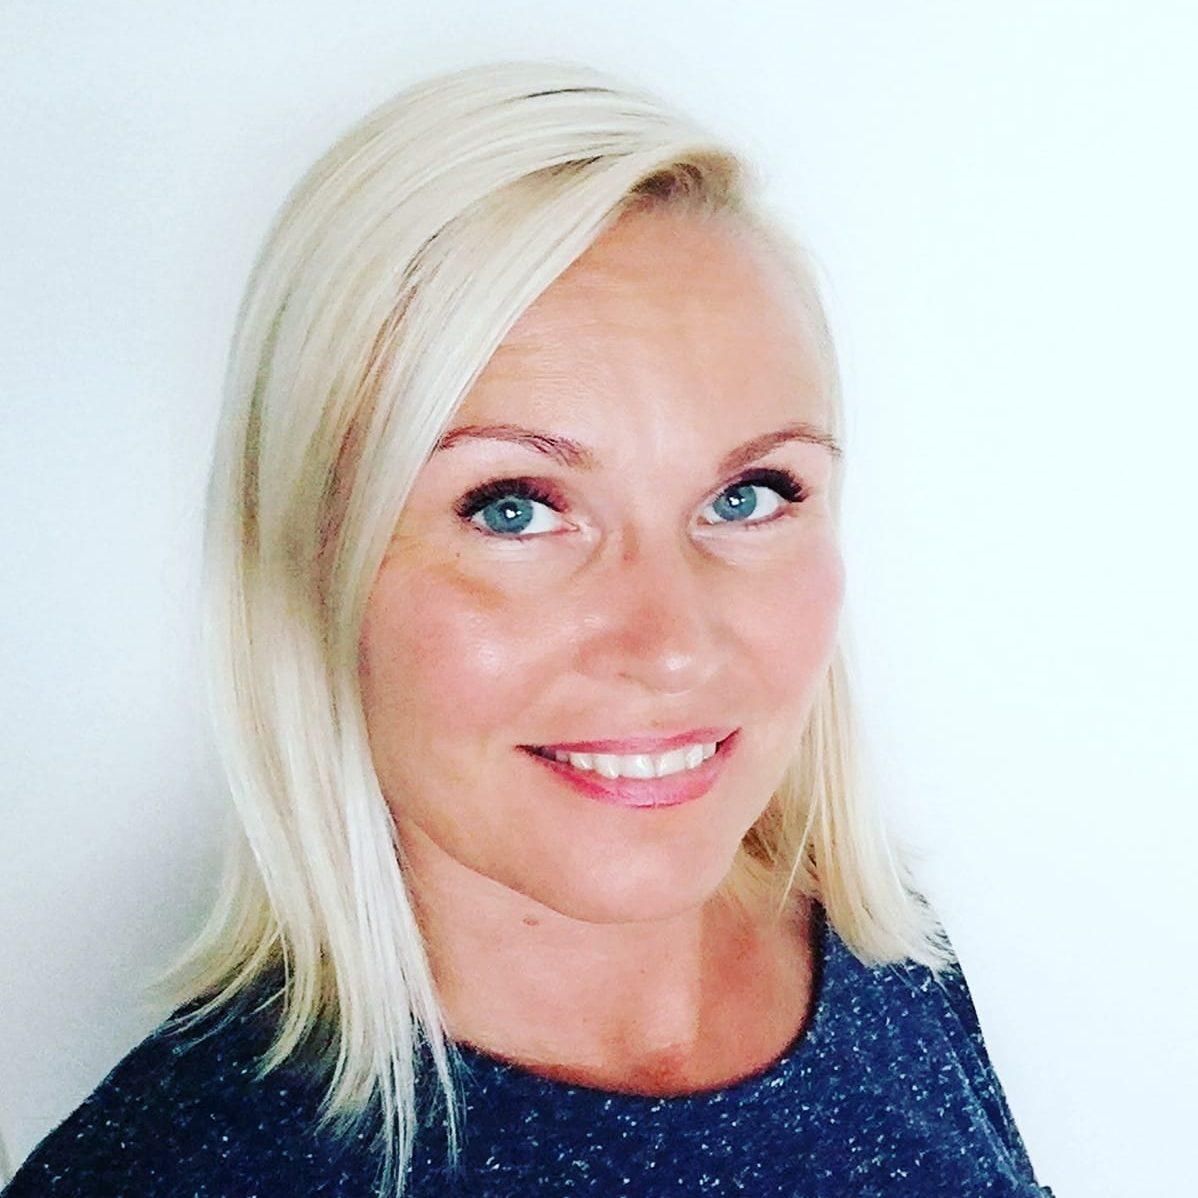 Helena Kujanpää